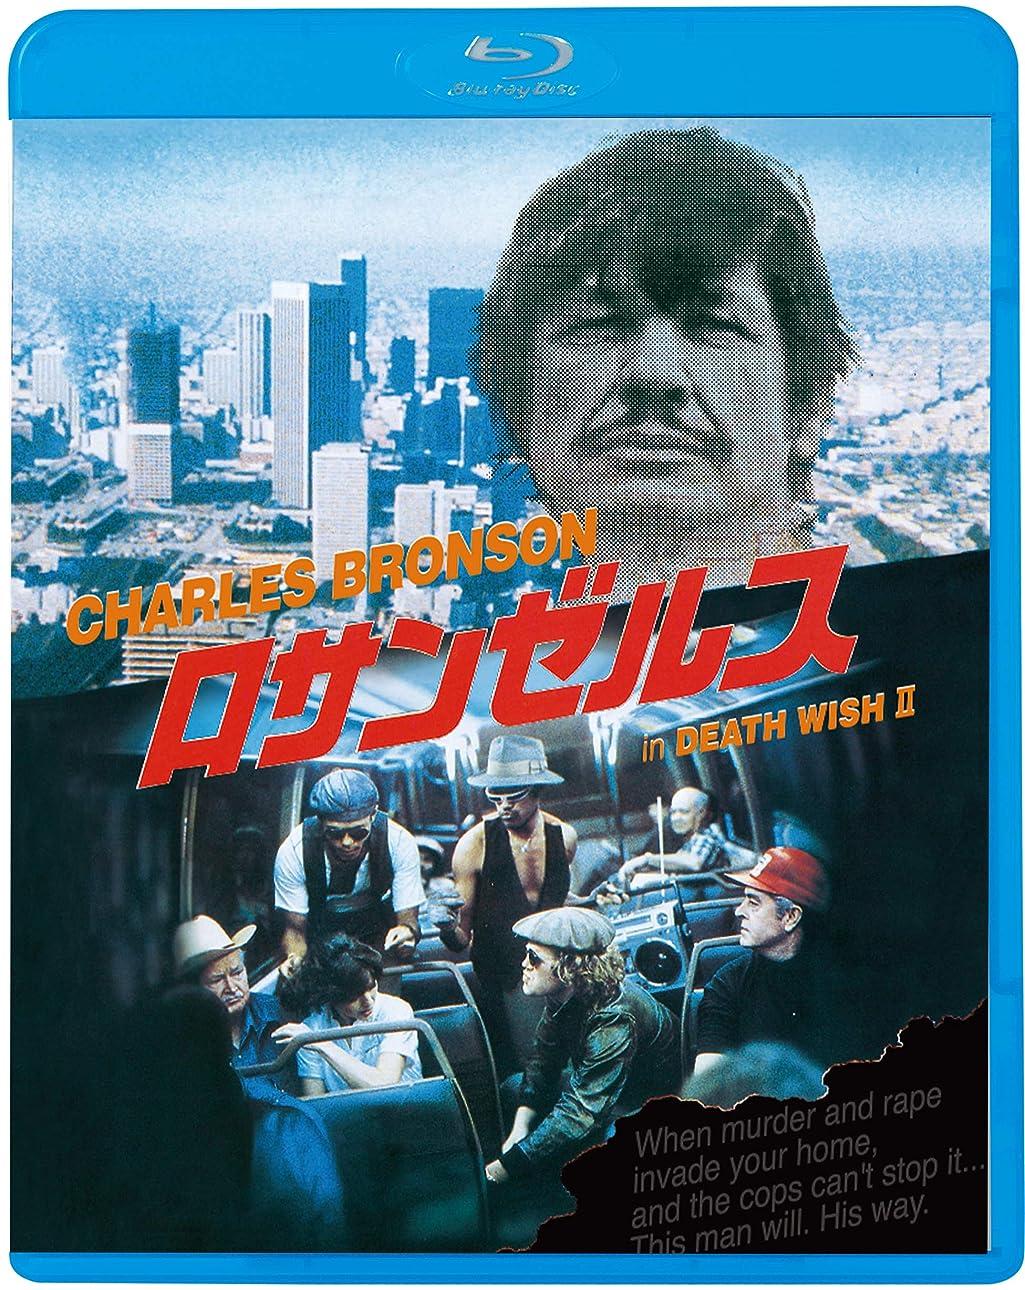 野心どちらか命令的ロサンゼルス [Blu-ray]